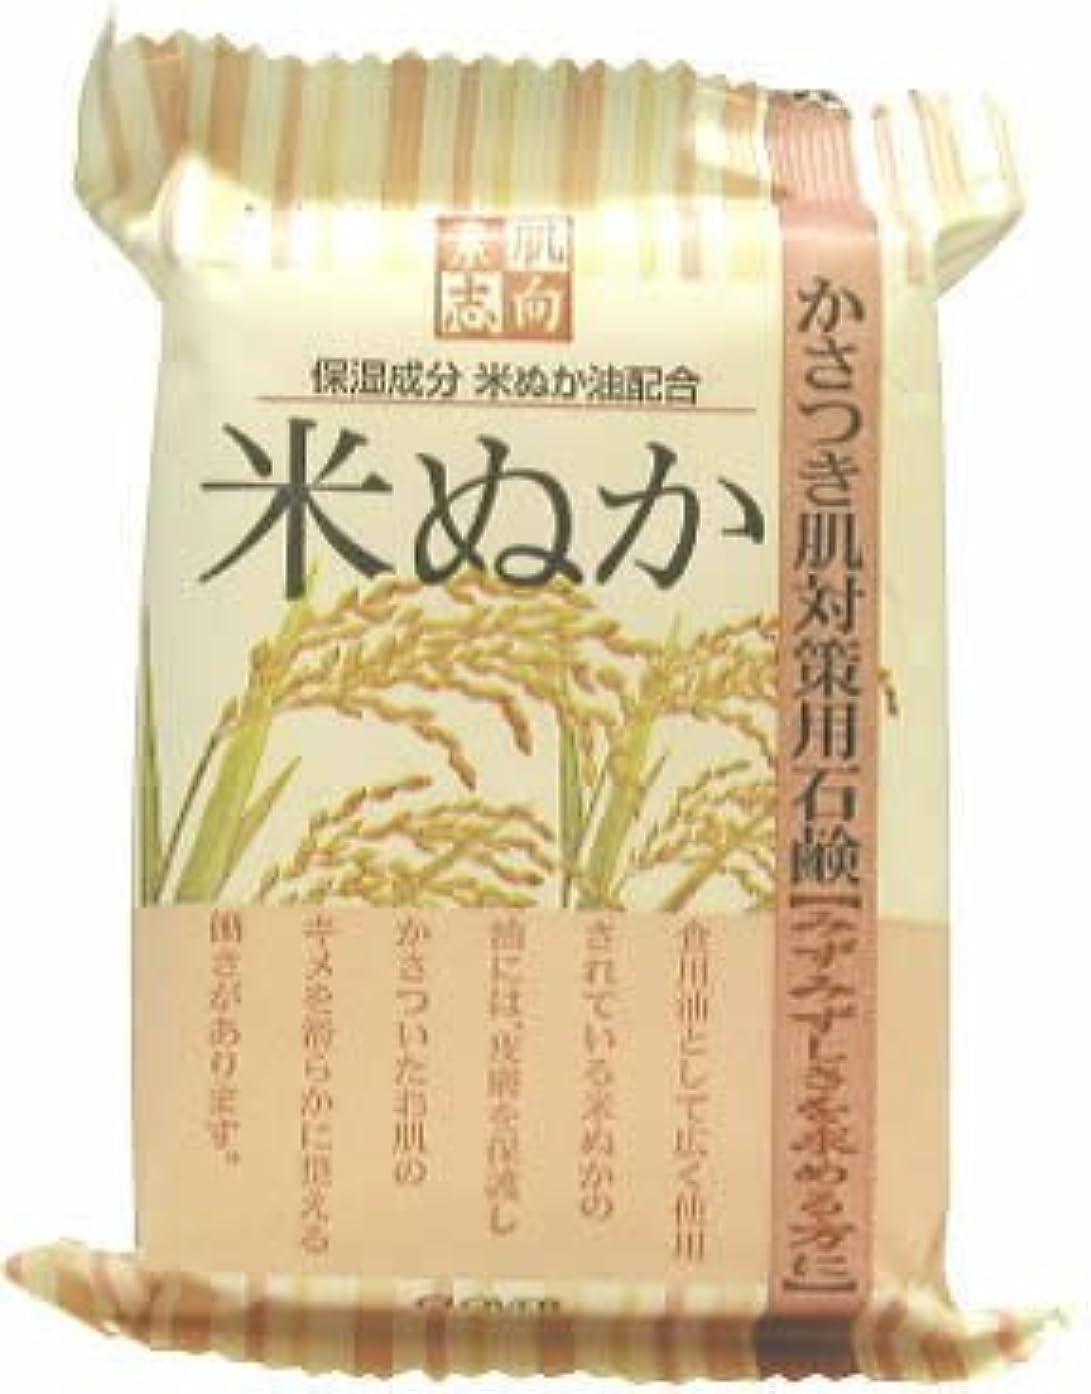 感謝行列基礎クロバー 素肌志向 米ぬか